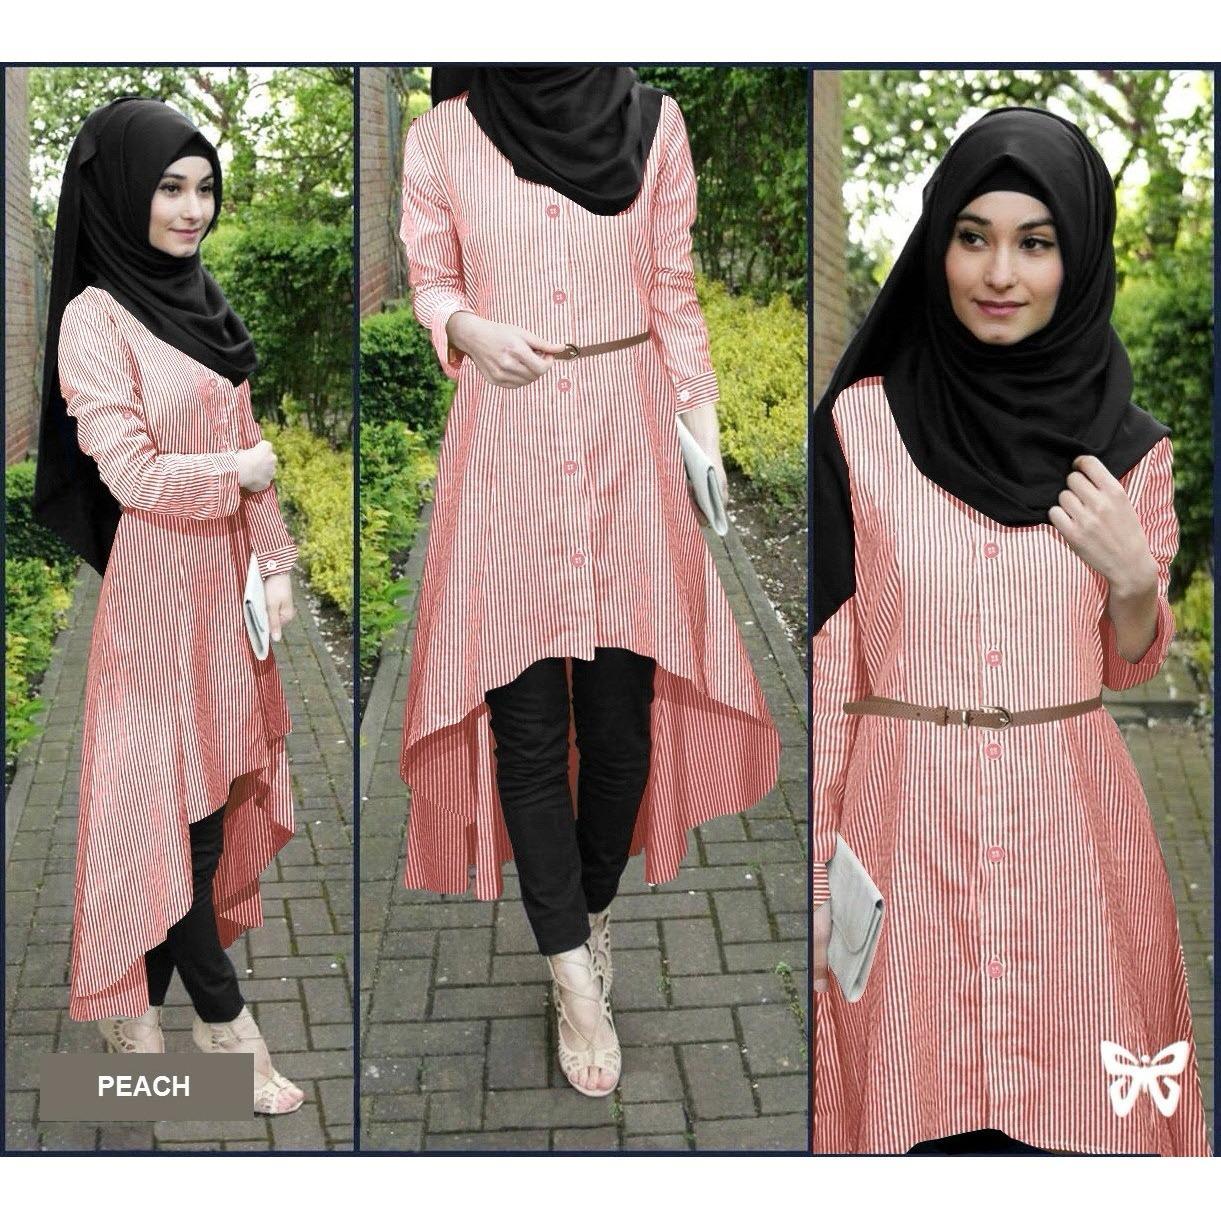 Harga Flavia Store Baju Muslim Wanita Set 4 In 1 Salur Fs0688 Peach Setelan Muslimah Stelan Gamis Hijab Atasan Blouse Terusan Kemeja Tunik Lengan Panjang Garis Bawahan Celana Srsafirasalur Satu Set